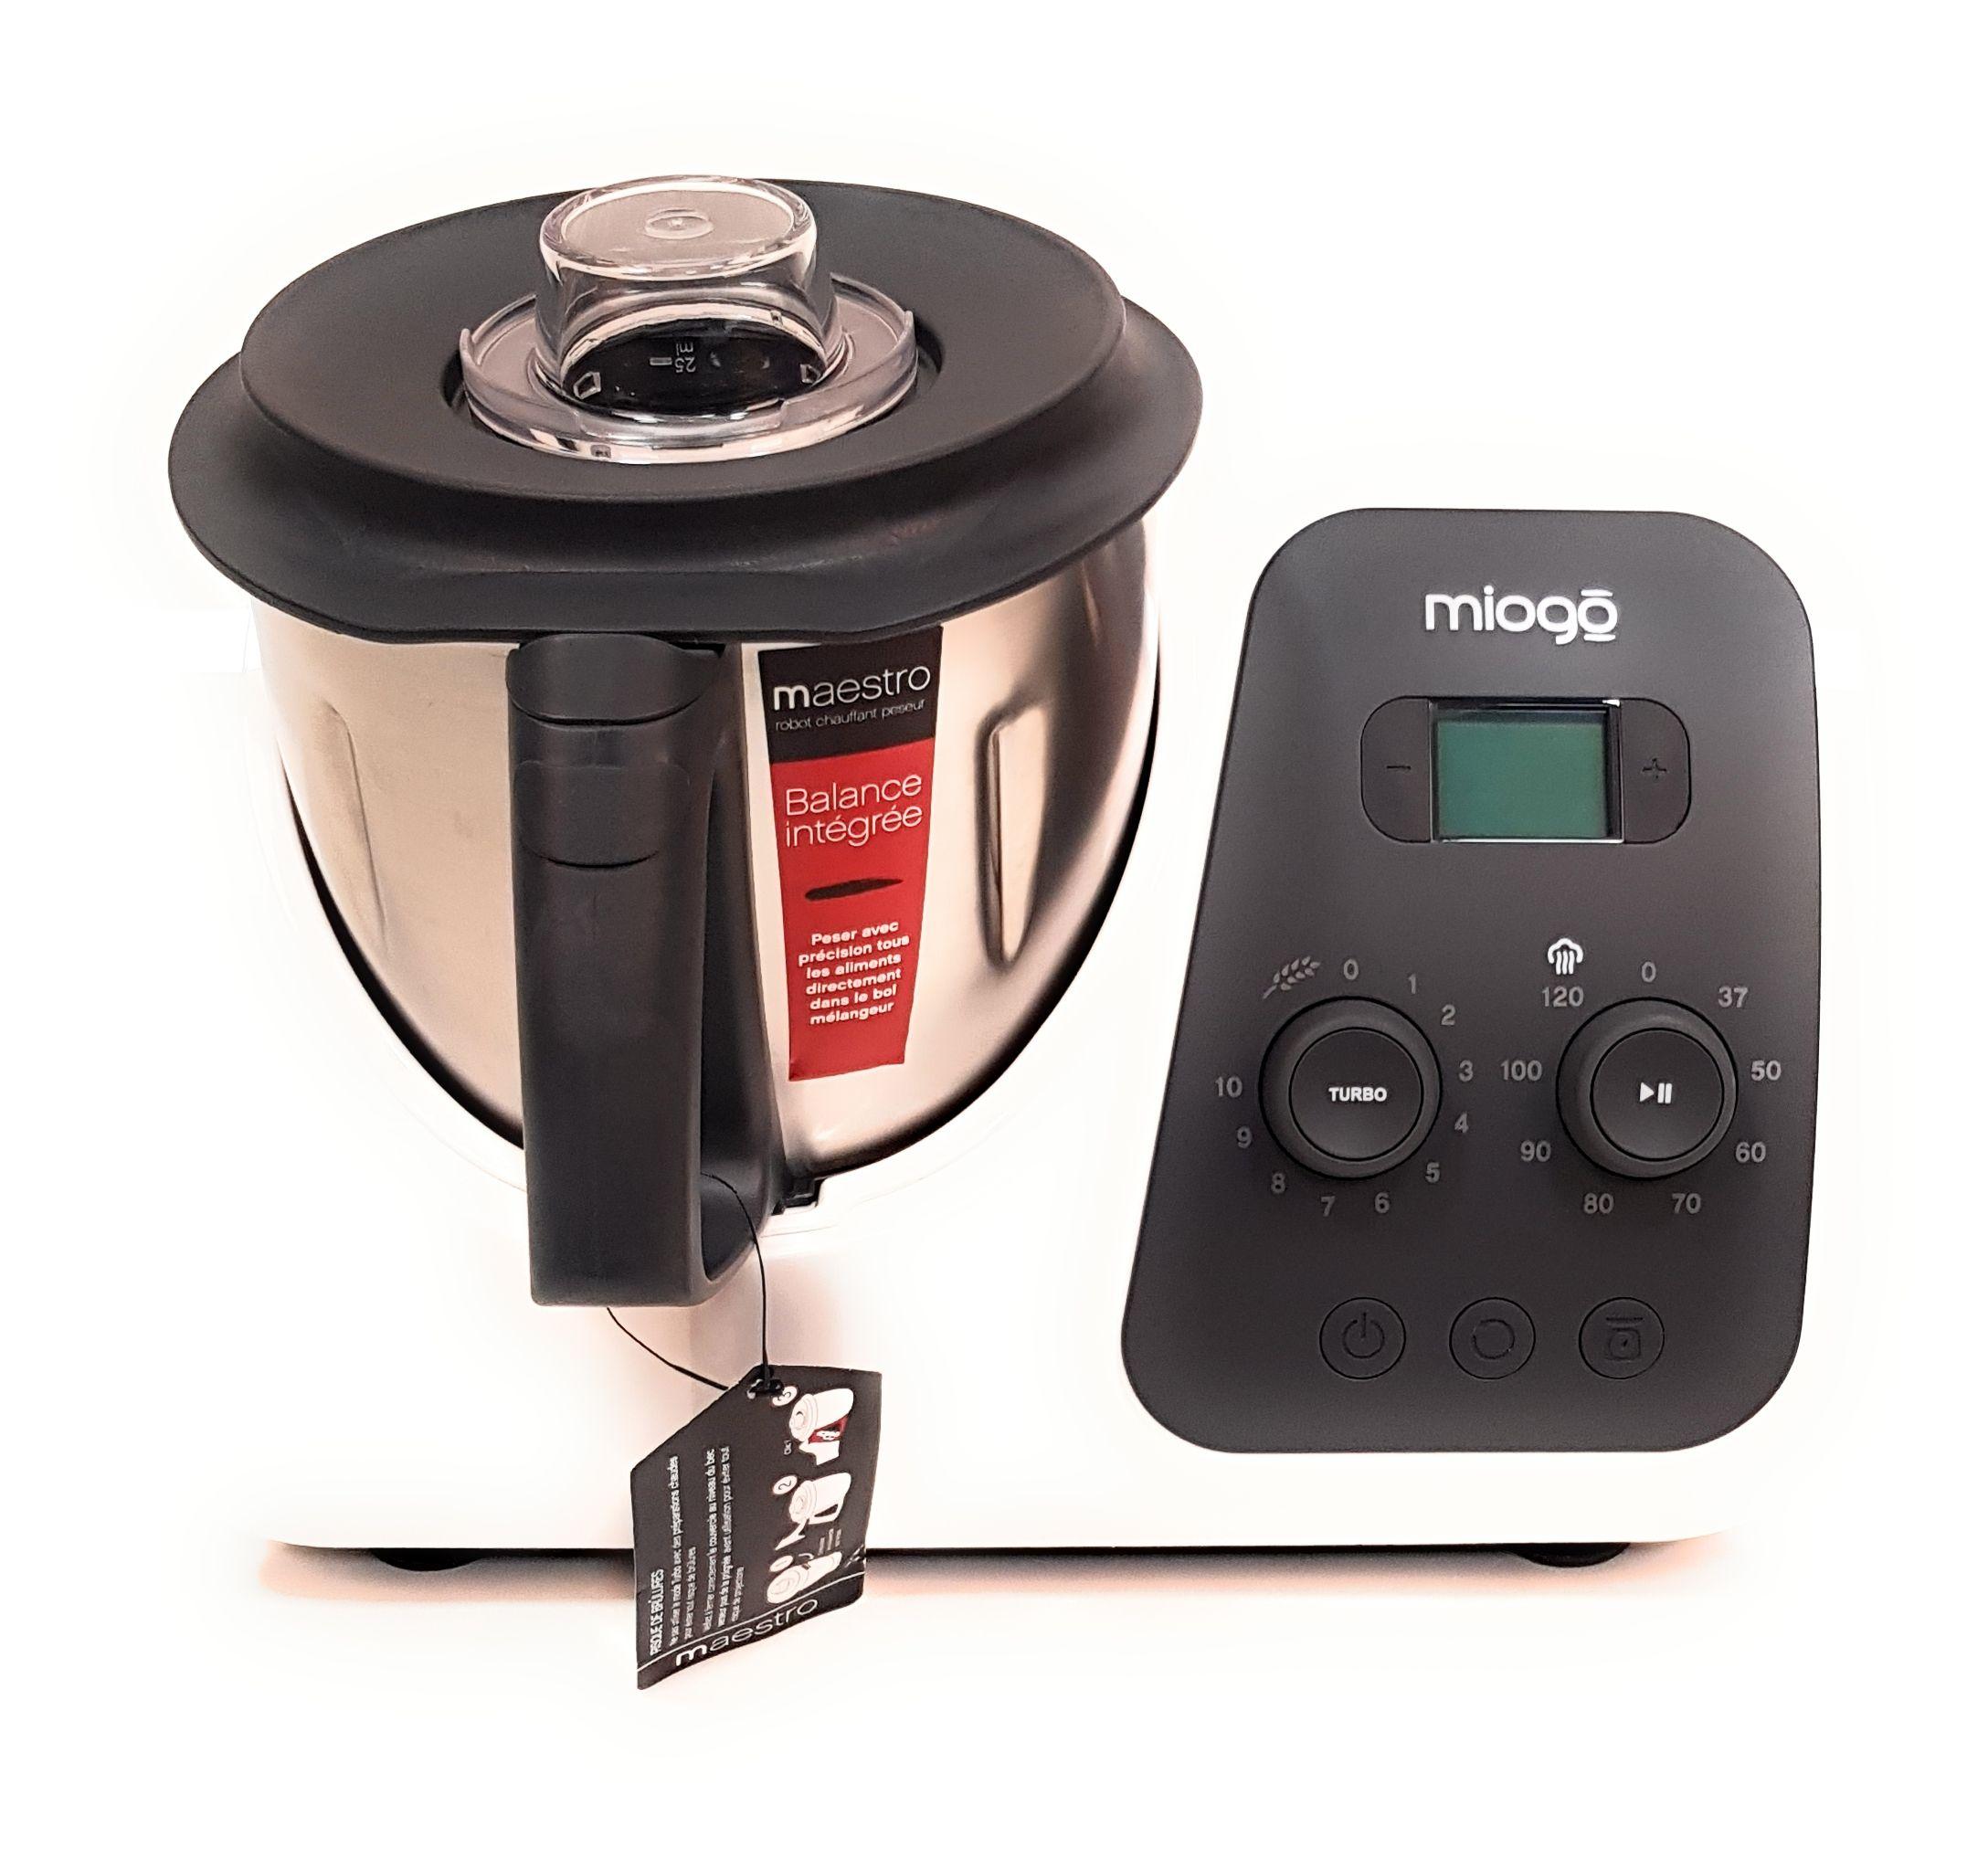 Miogo Küchenmaschine Maestro Blanc 1500W 2L Küchenroboter ...